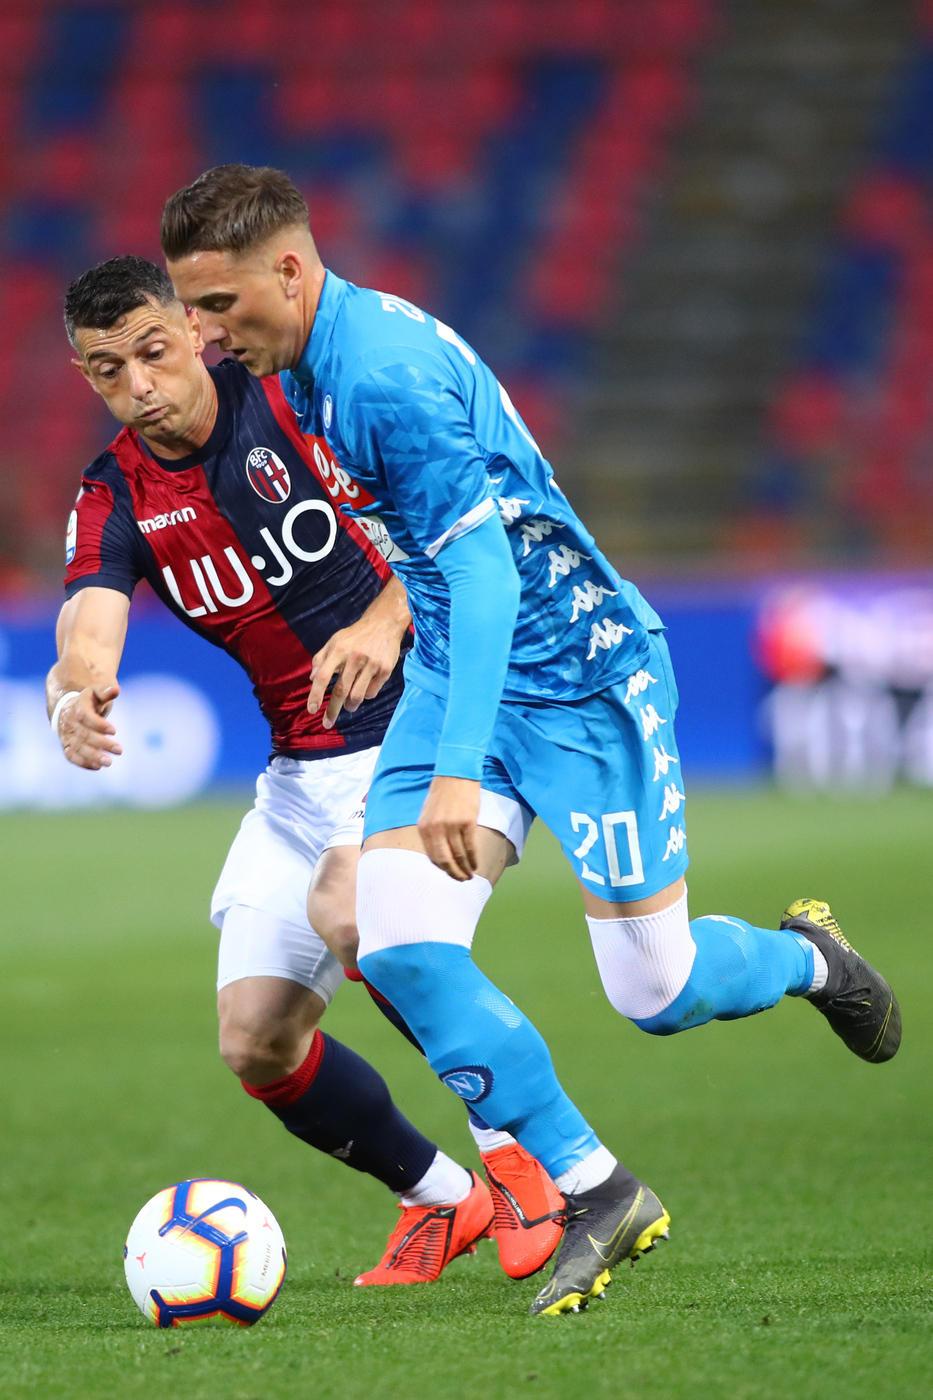 Napoli, niente rimonta: il Bologna vince 3-2